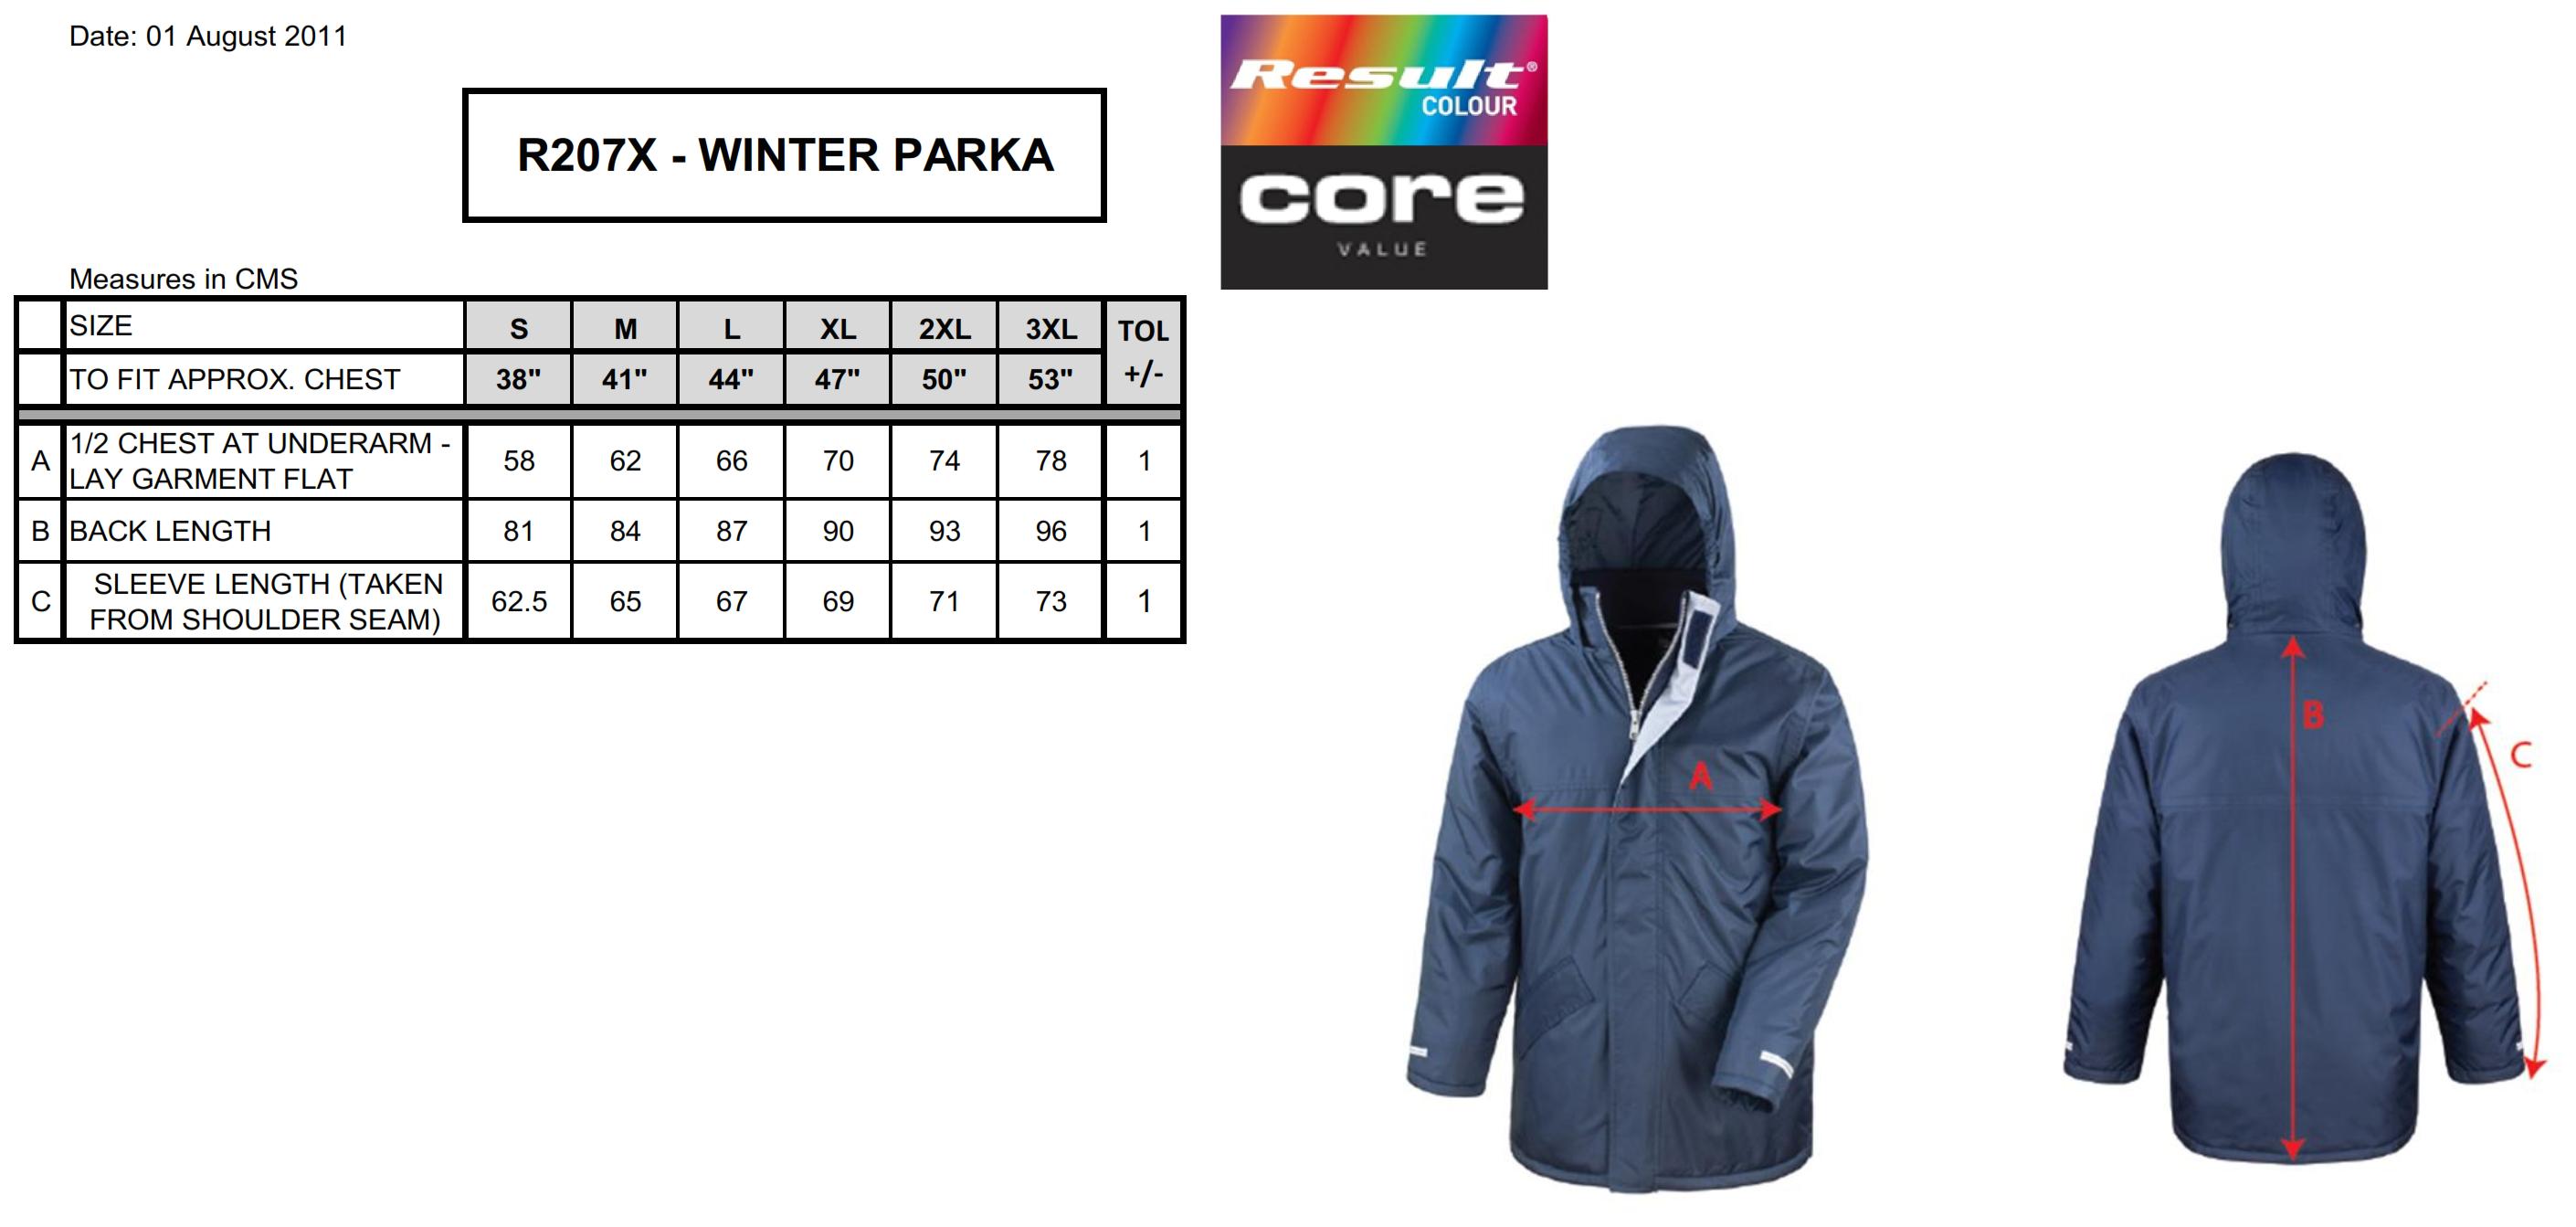 Result: Core Winter Parka R207X